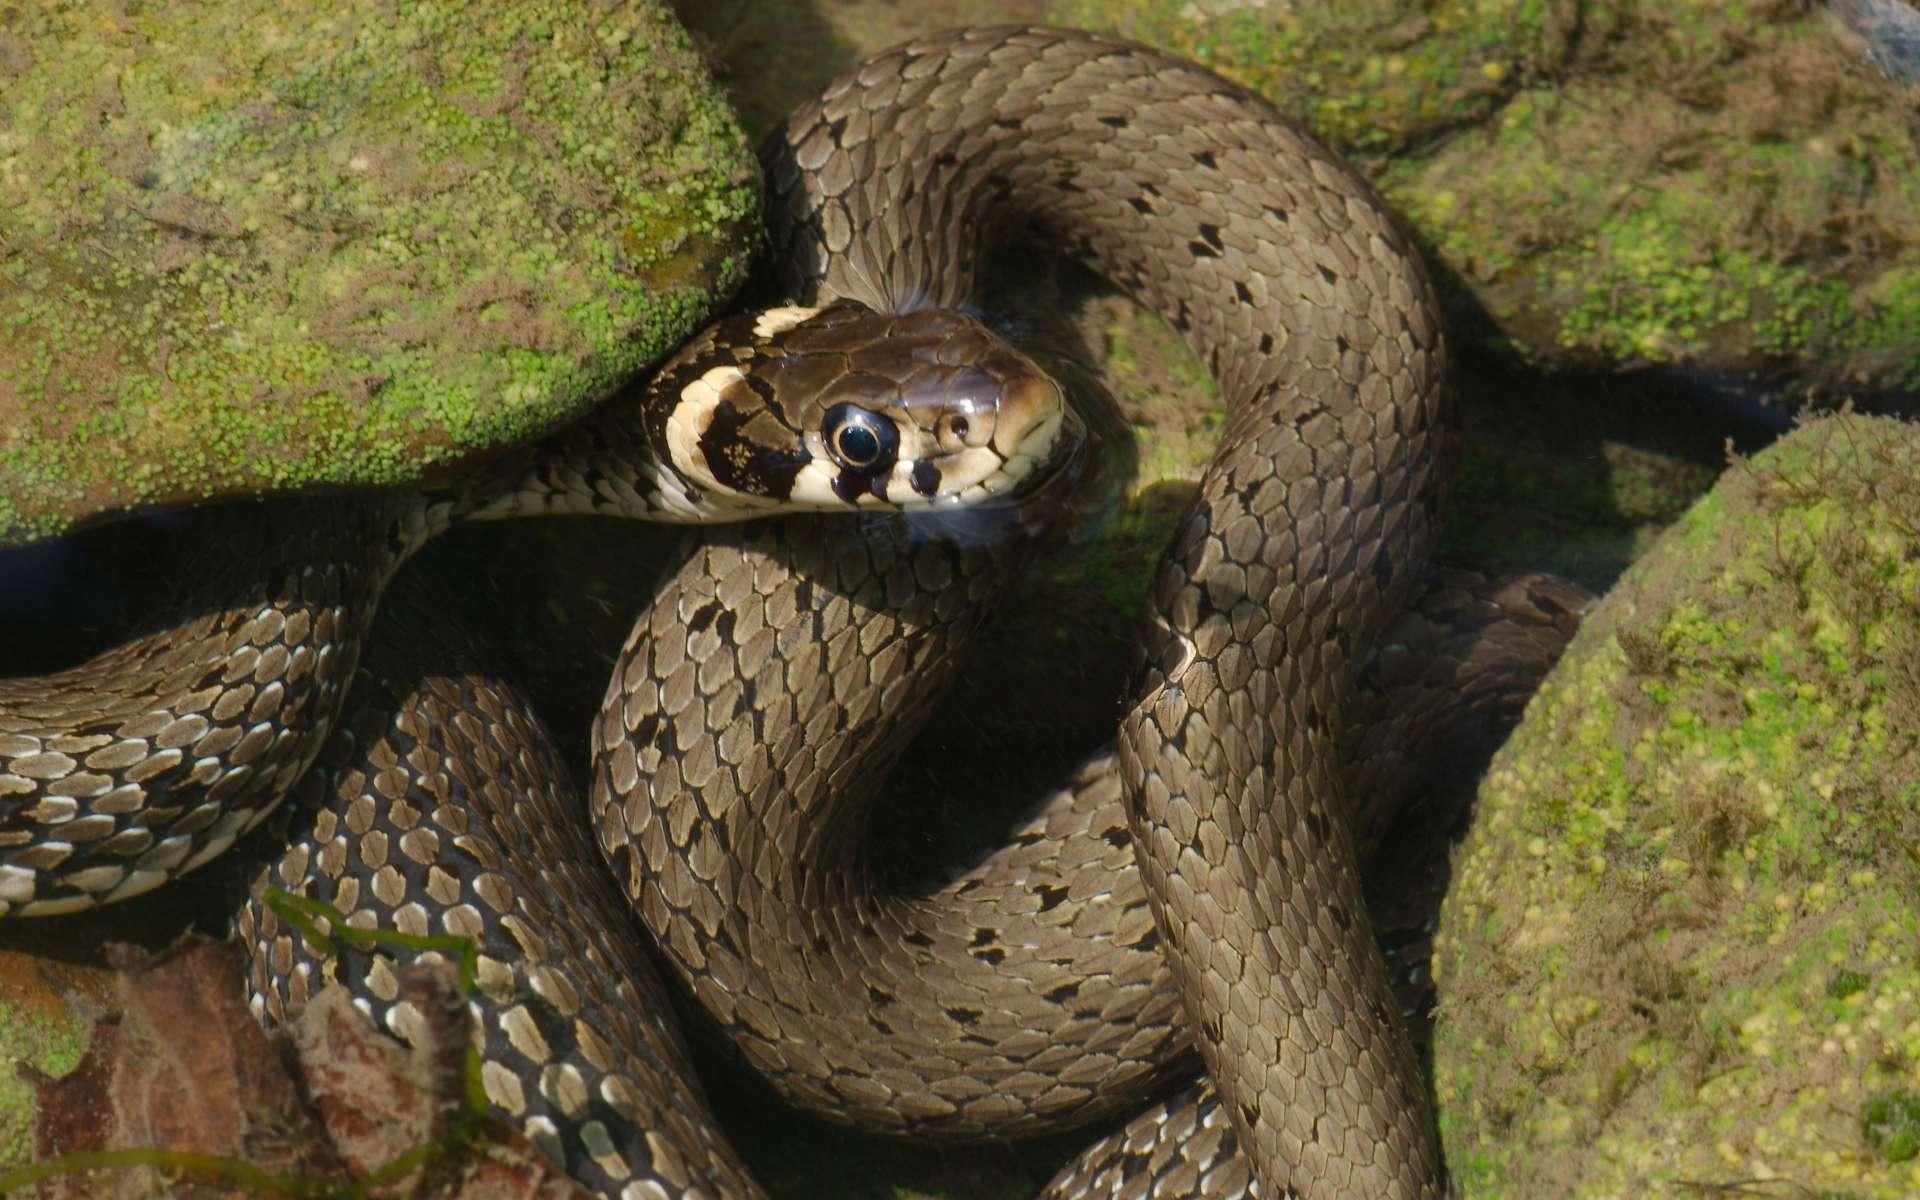 Couleuvre à collier (Crédits : Hagdorn - flickr)